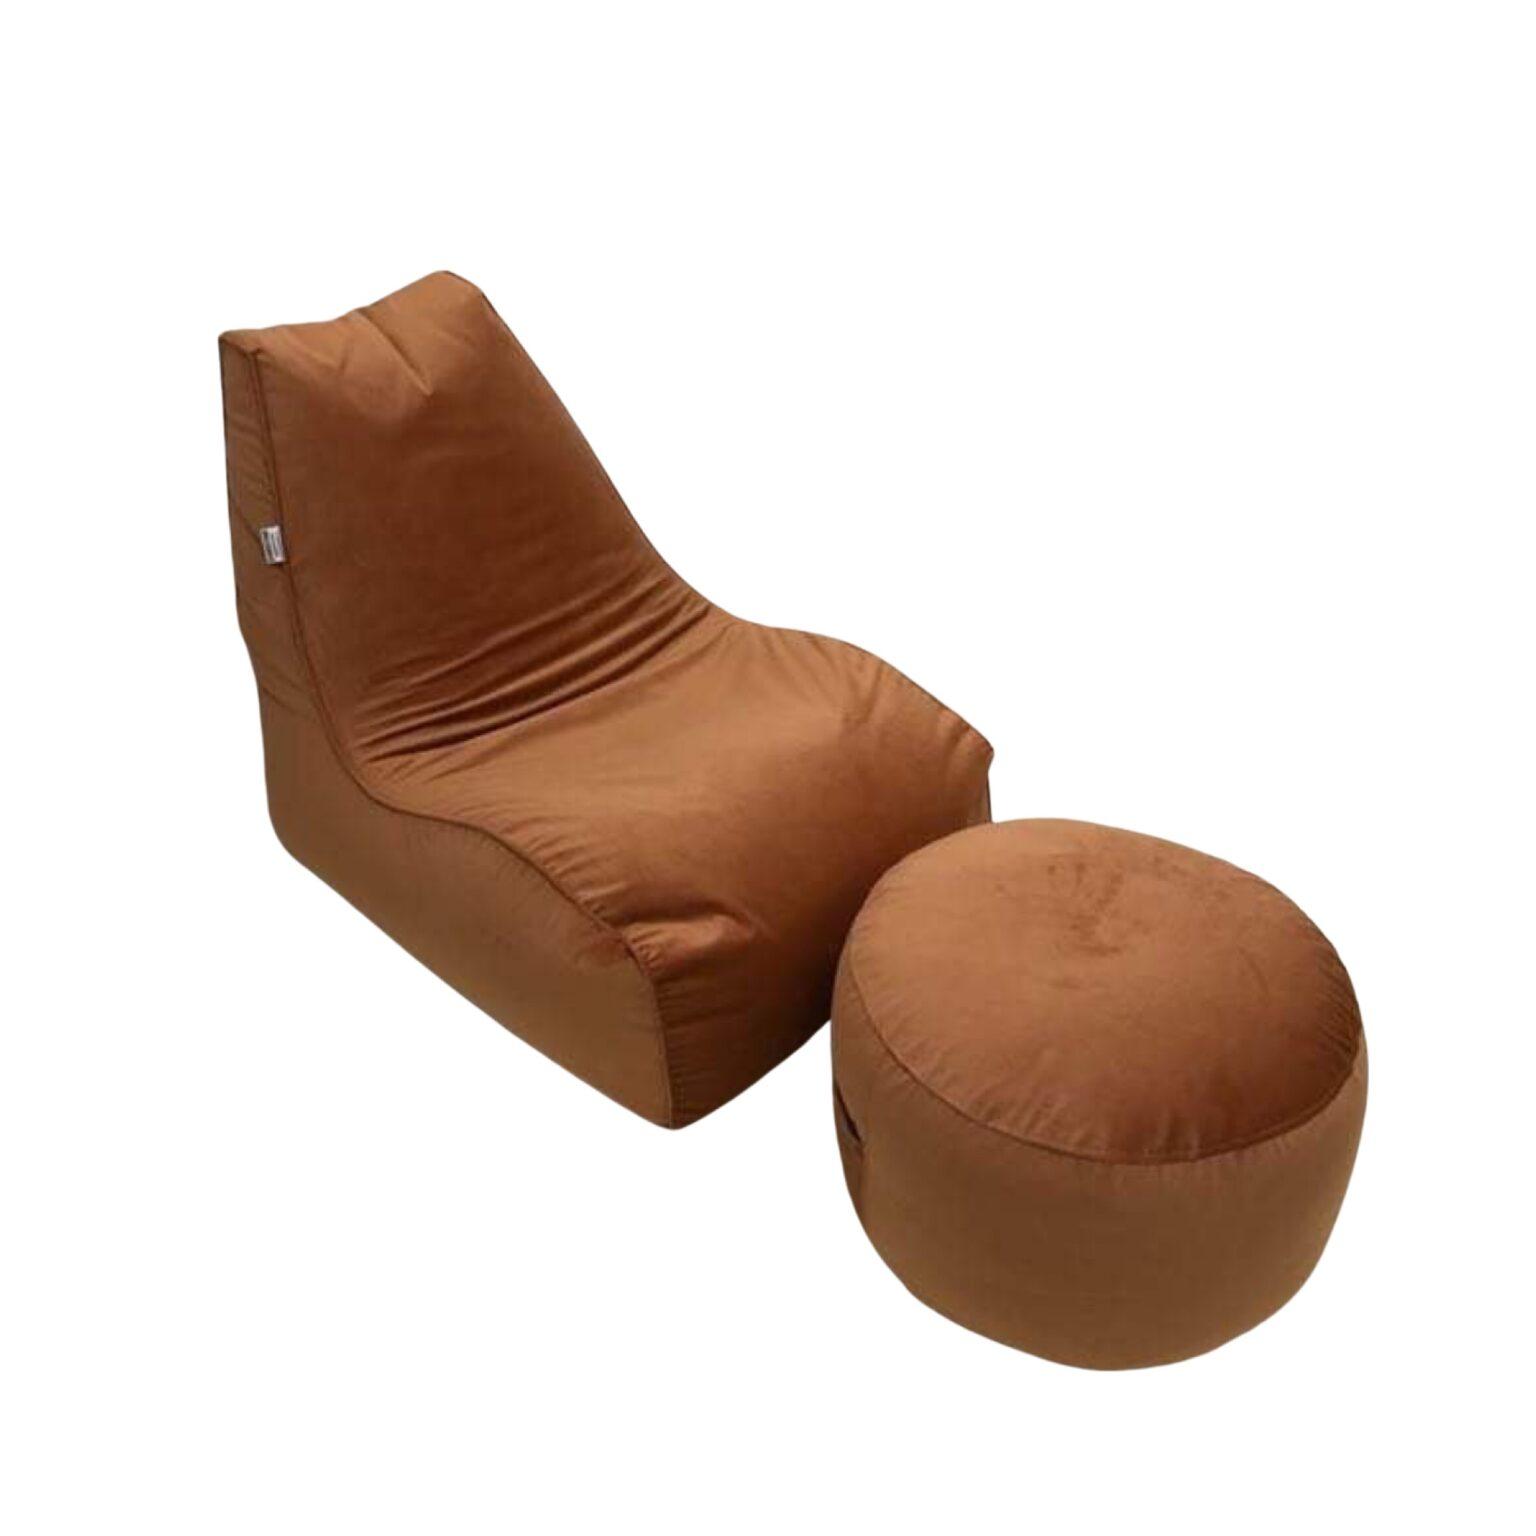 Ai chê ghế lười chứ tôi vẫn mê, bỏ vài ba trăm tậu một em chill chill thấy ở nhà thích hơn hẳn - Ảnh 3.